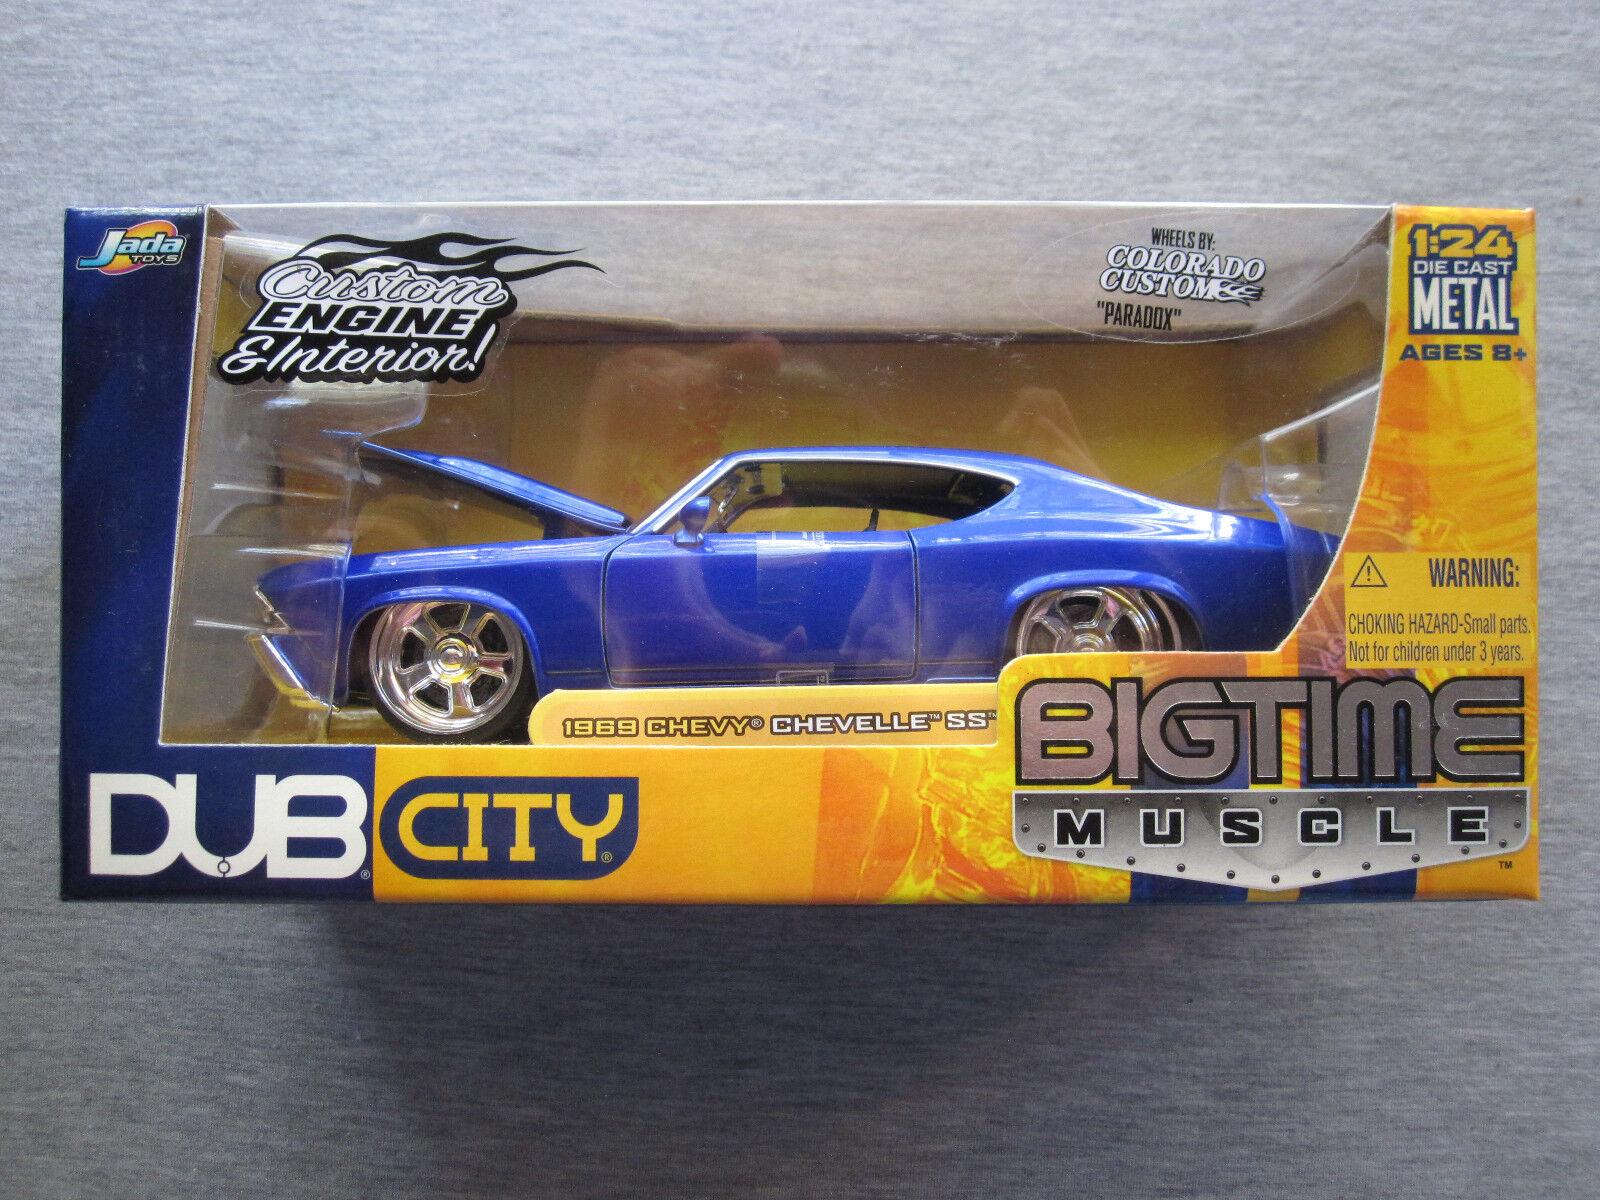 miglior prezzo Jada giocattoli DUB città gree gree gree Time Muscle 1 24 scale 1969 Chevy Chevelle SS - nuovo  sport dello shopping online